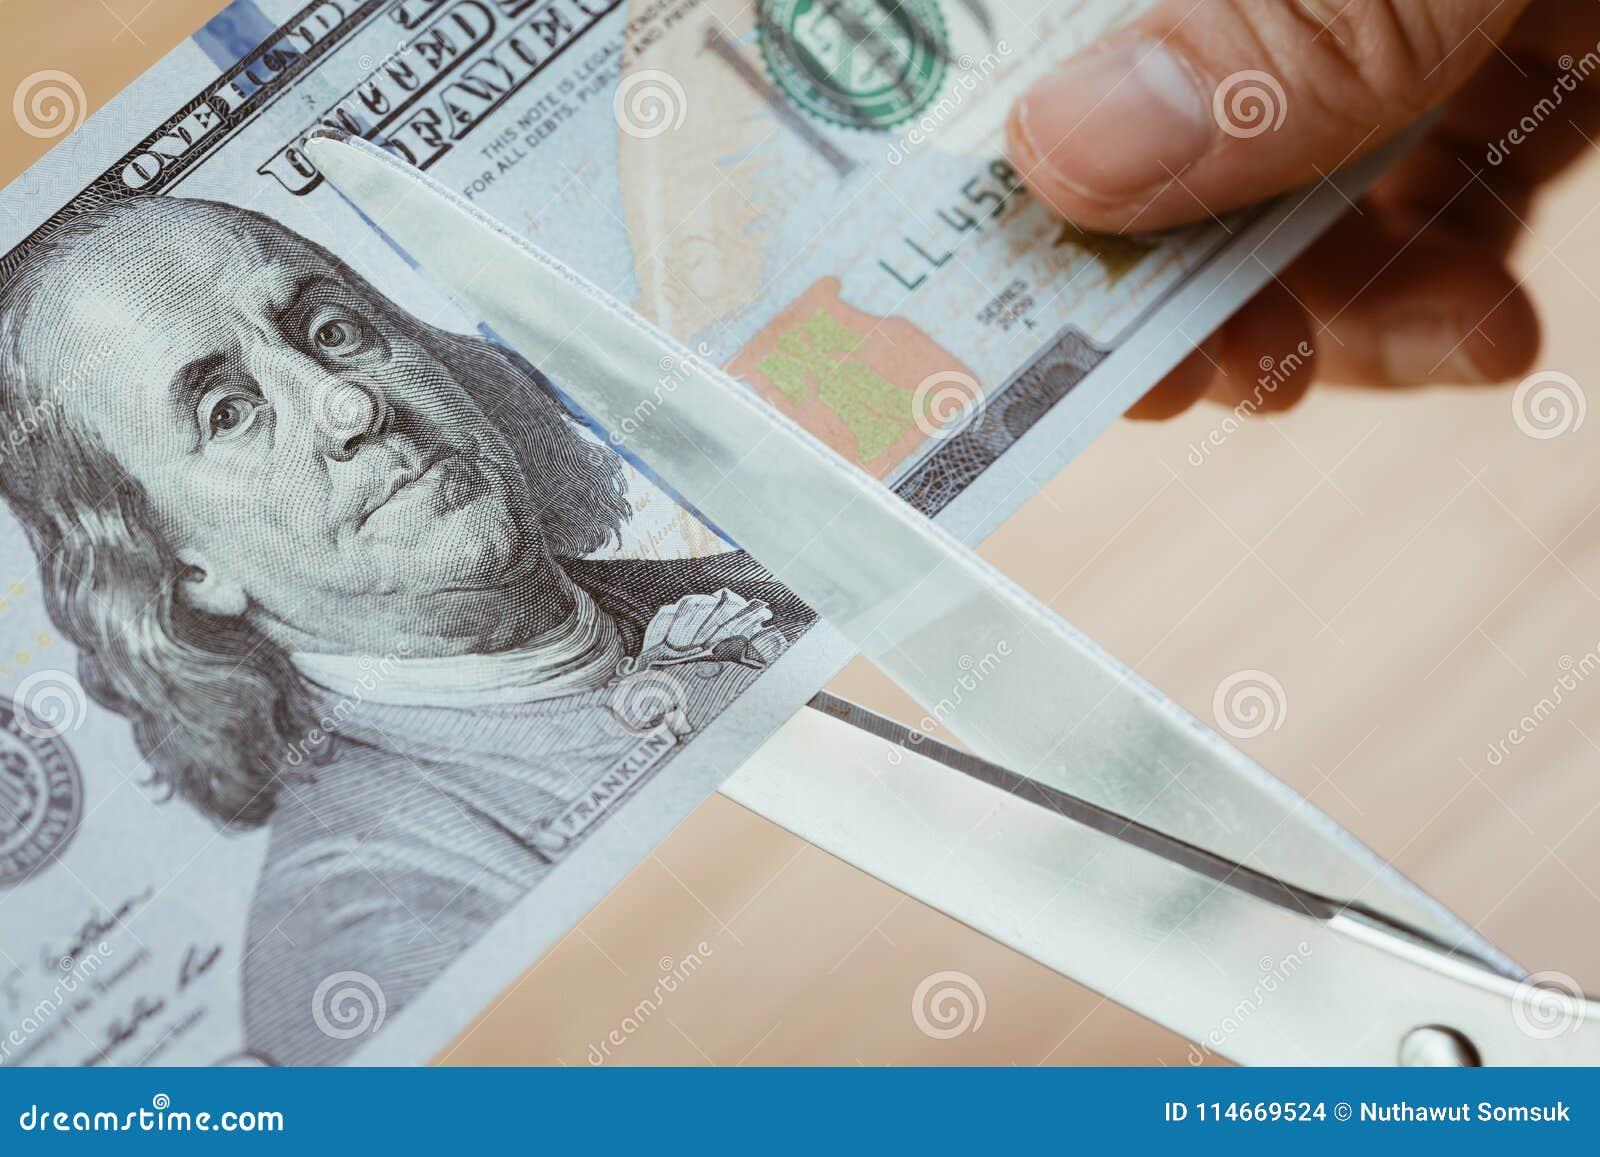 Kobiety ręki mienia nożyce ciie dolarów amerykańskich banknoty, cięcie pączek